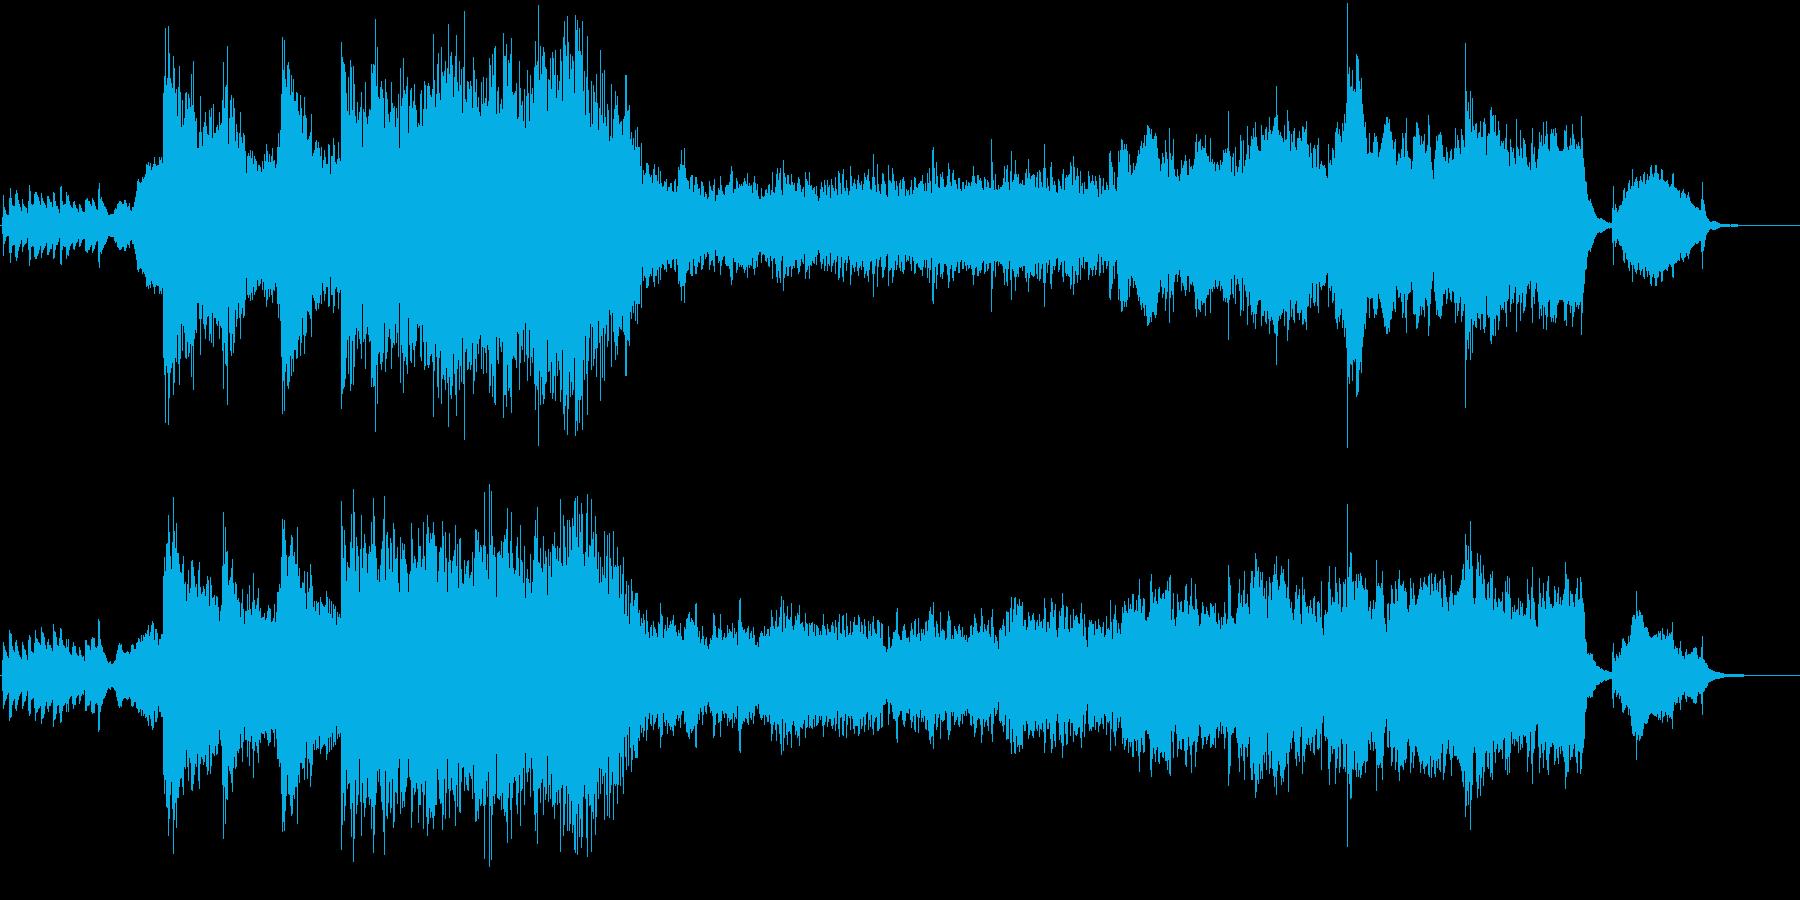 時空を超えた冒険がテーマのゲームのOP曲の再生済みの波形